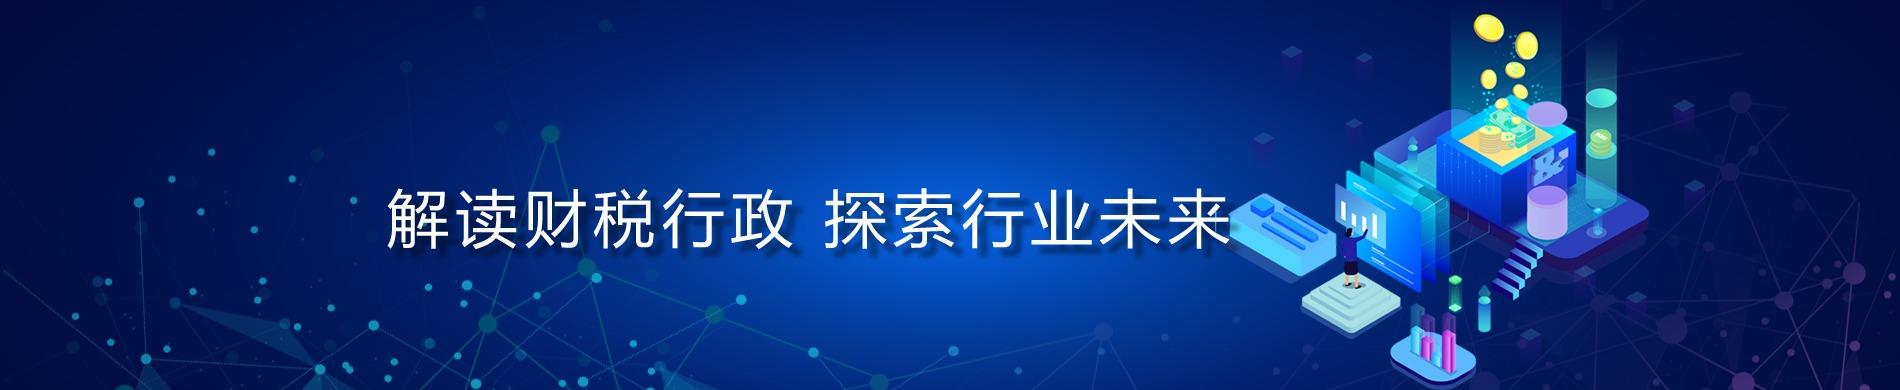 保险行业资讯_行业资讯 - 湖南职盛信息科技有限公司